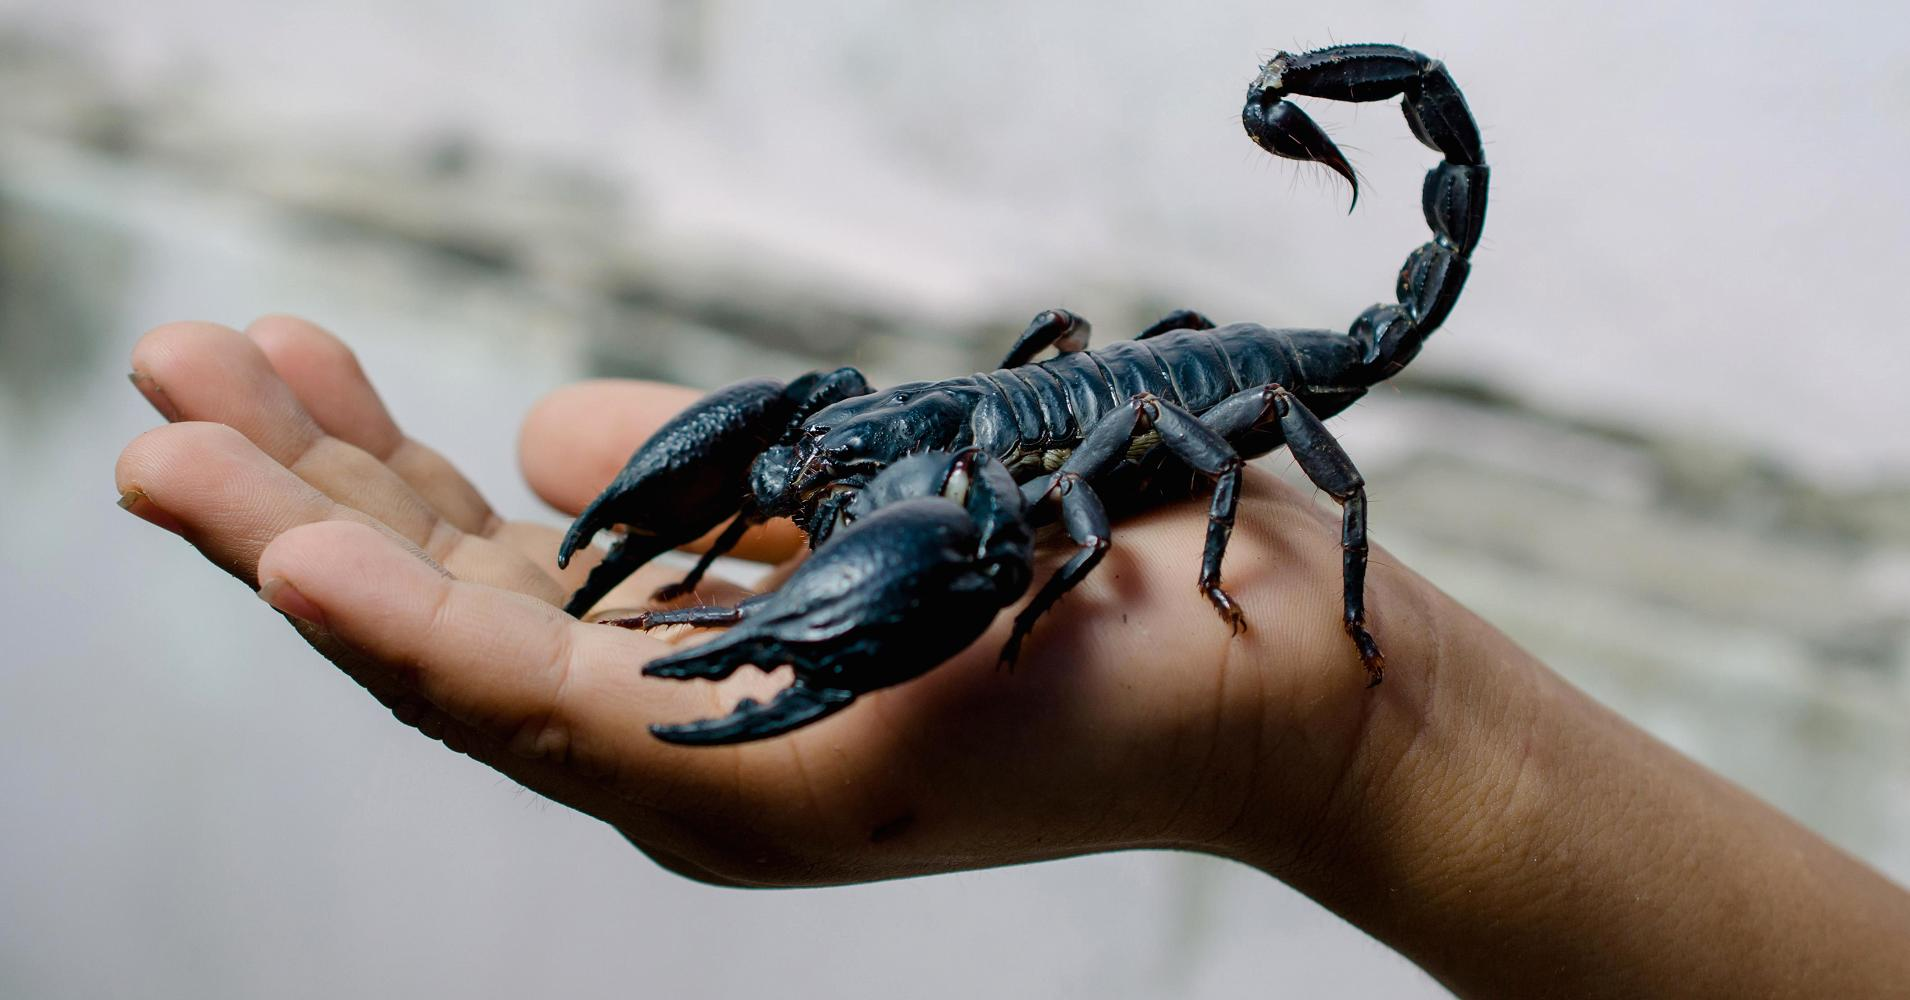 Scorpion Pictures